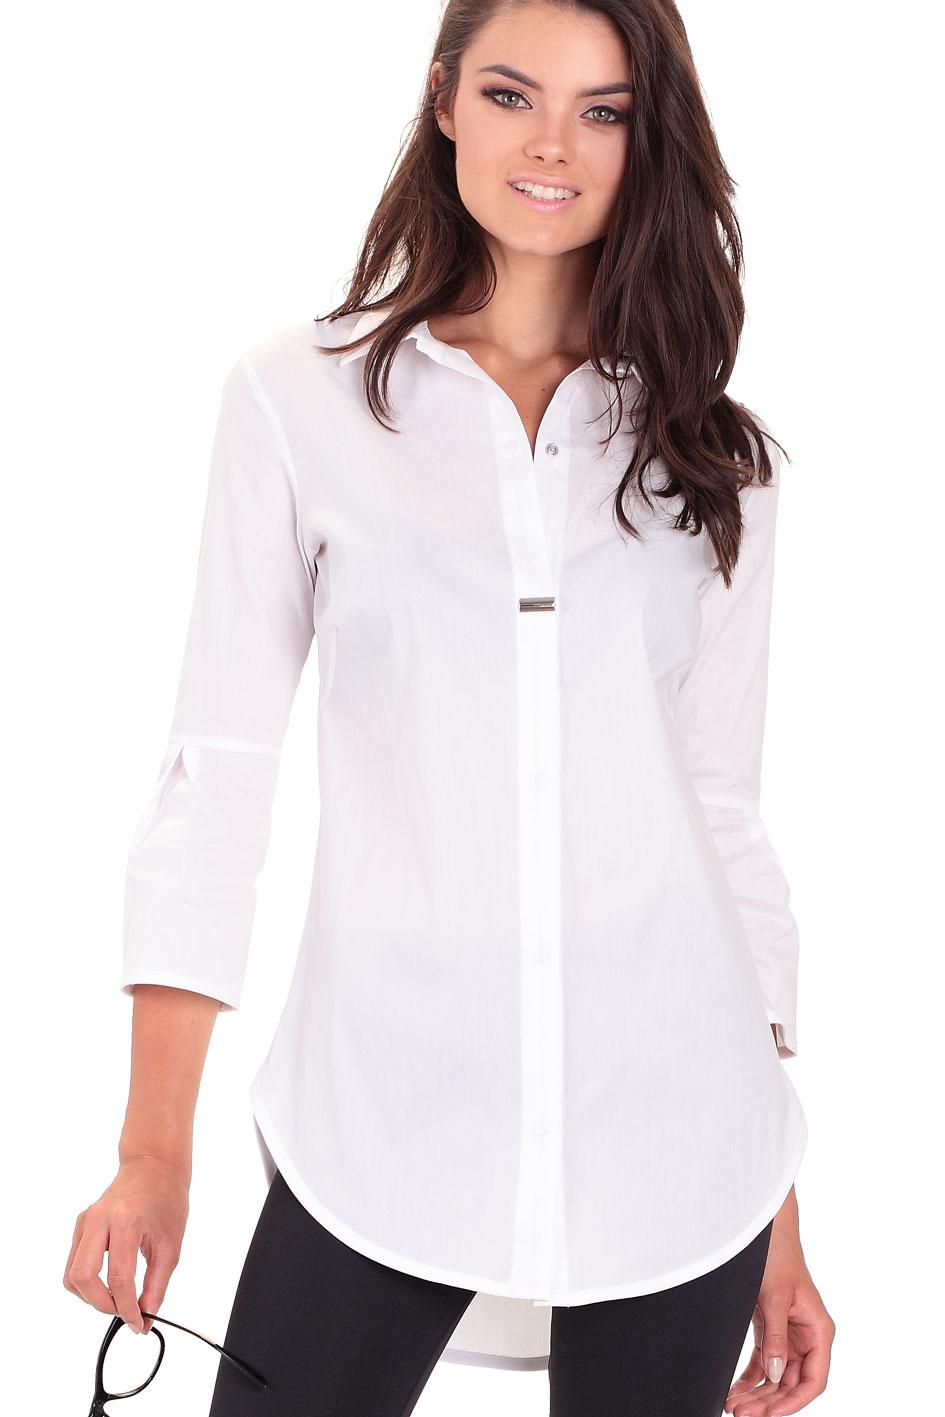 Najnowsze Bluzka koszulowa RACHEL biała - EIDOS.pl IO94